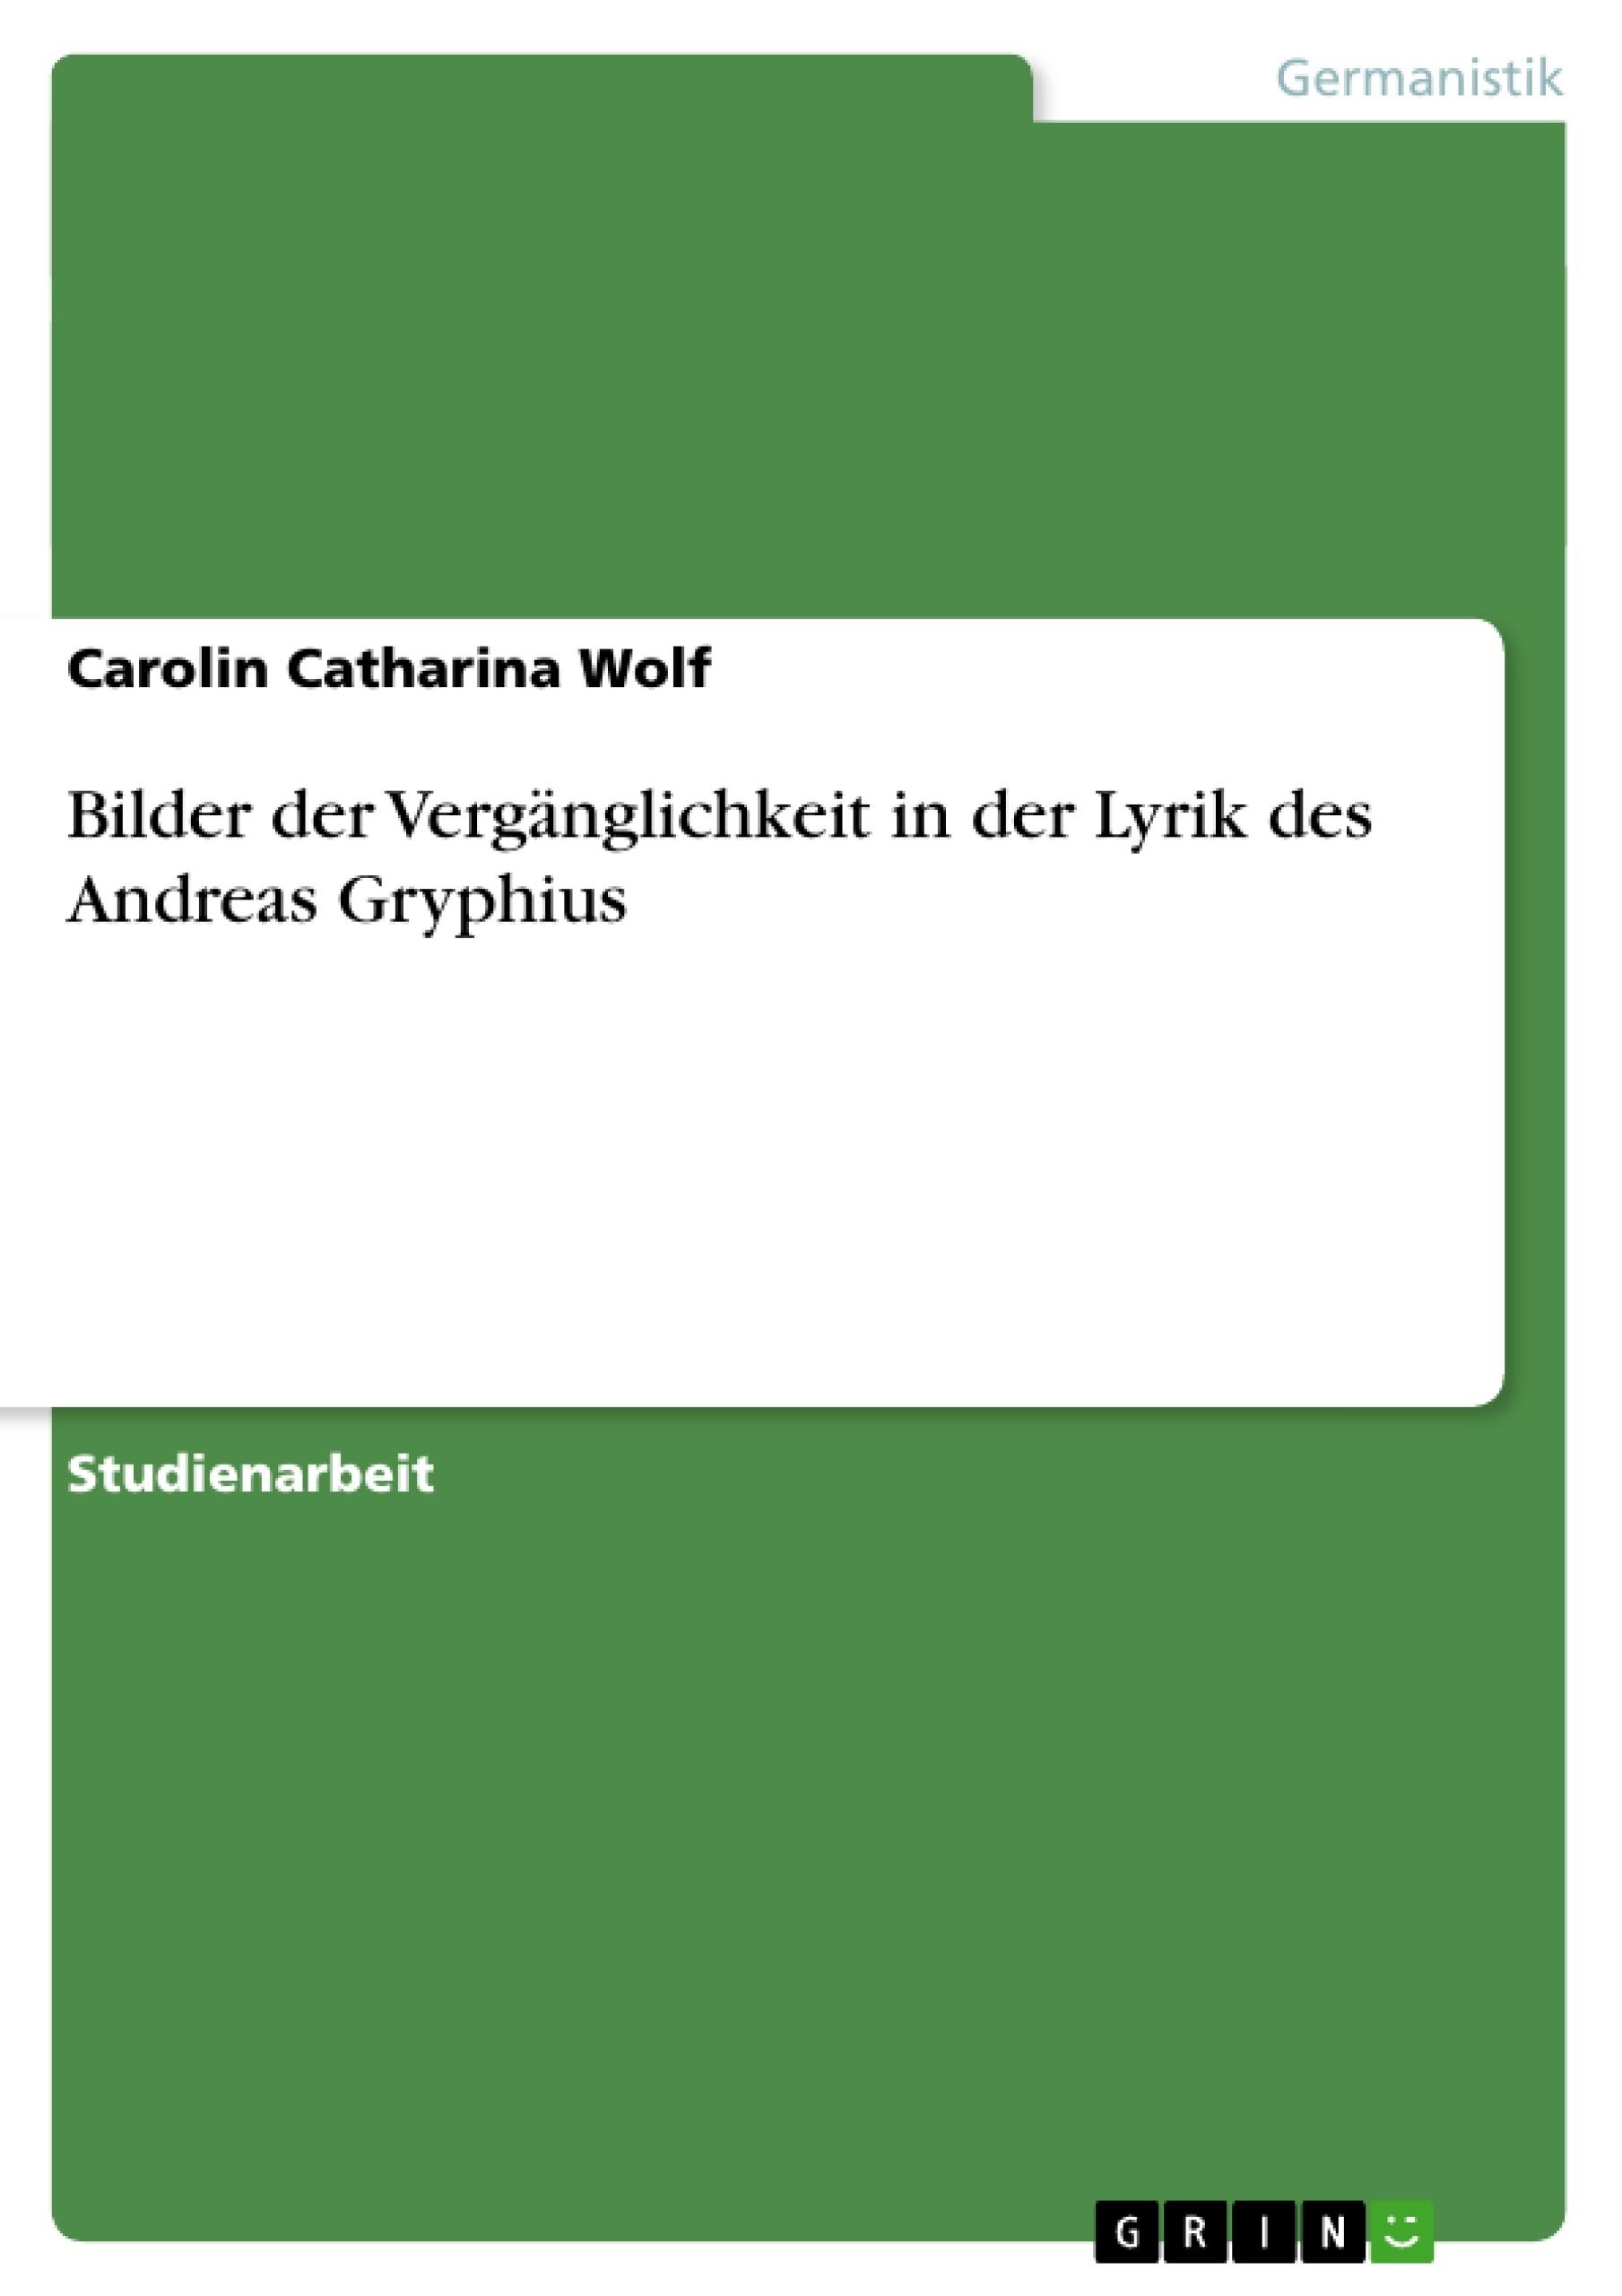 Titel: Bilder der Vergänglichkeit in der Lyrik des Andreas Gryphius